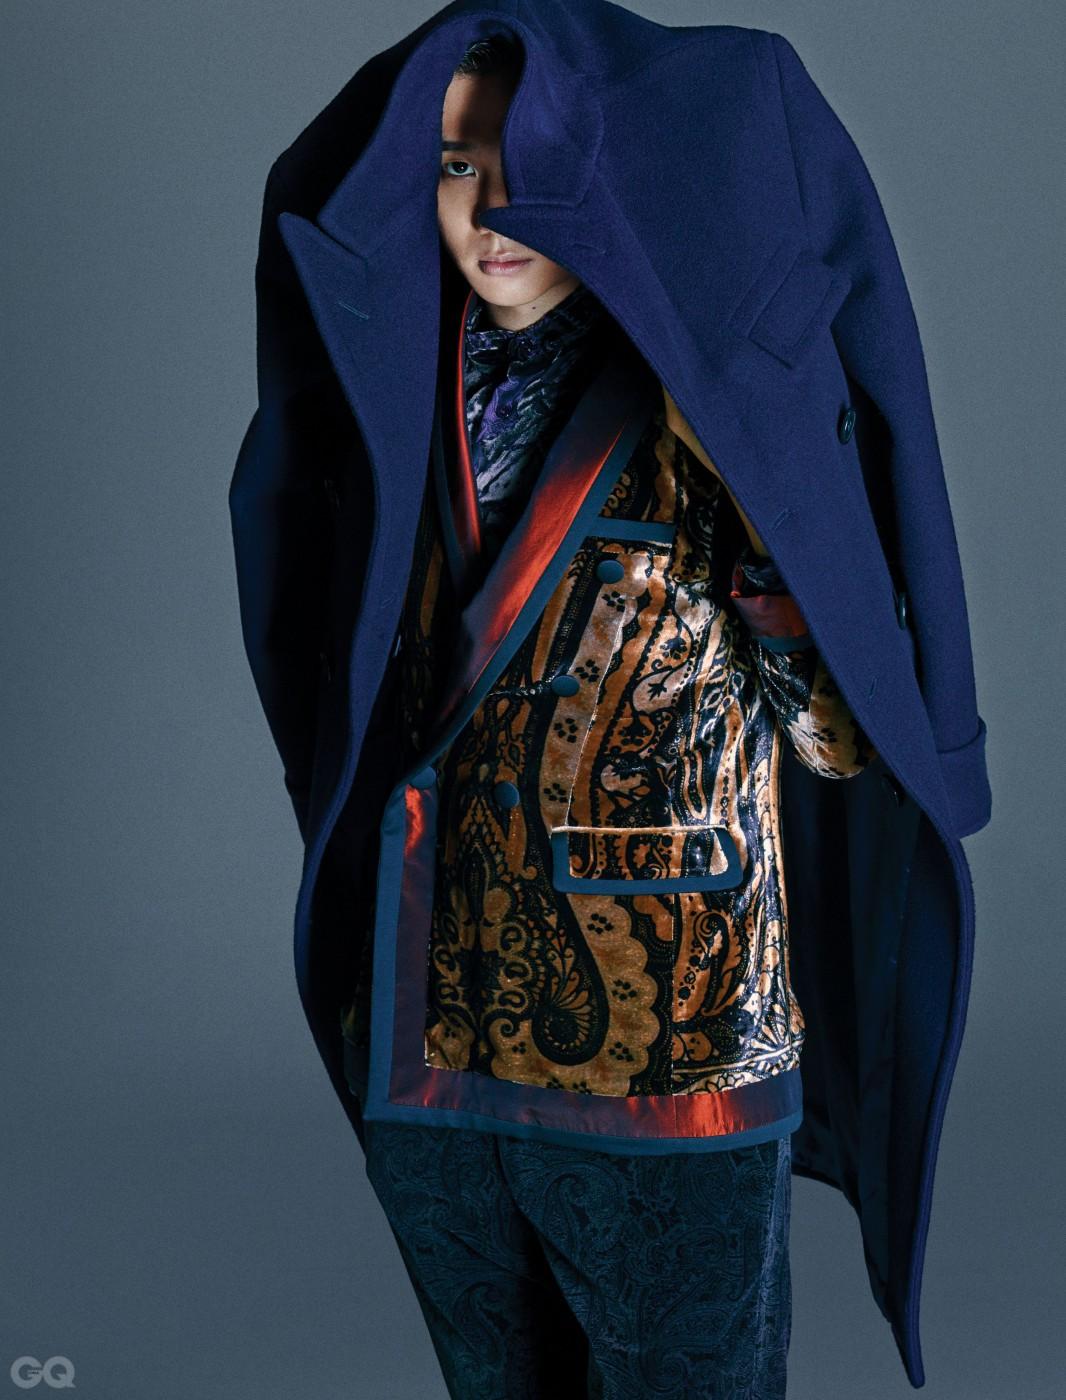 코트 POLO RALPH LAUREN, 이브닝 재킷, 셔츠, 팬츠 ETRO.